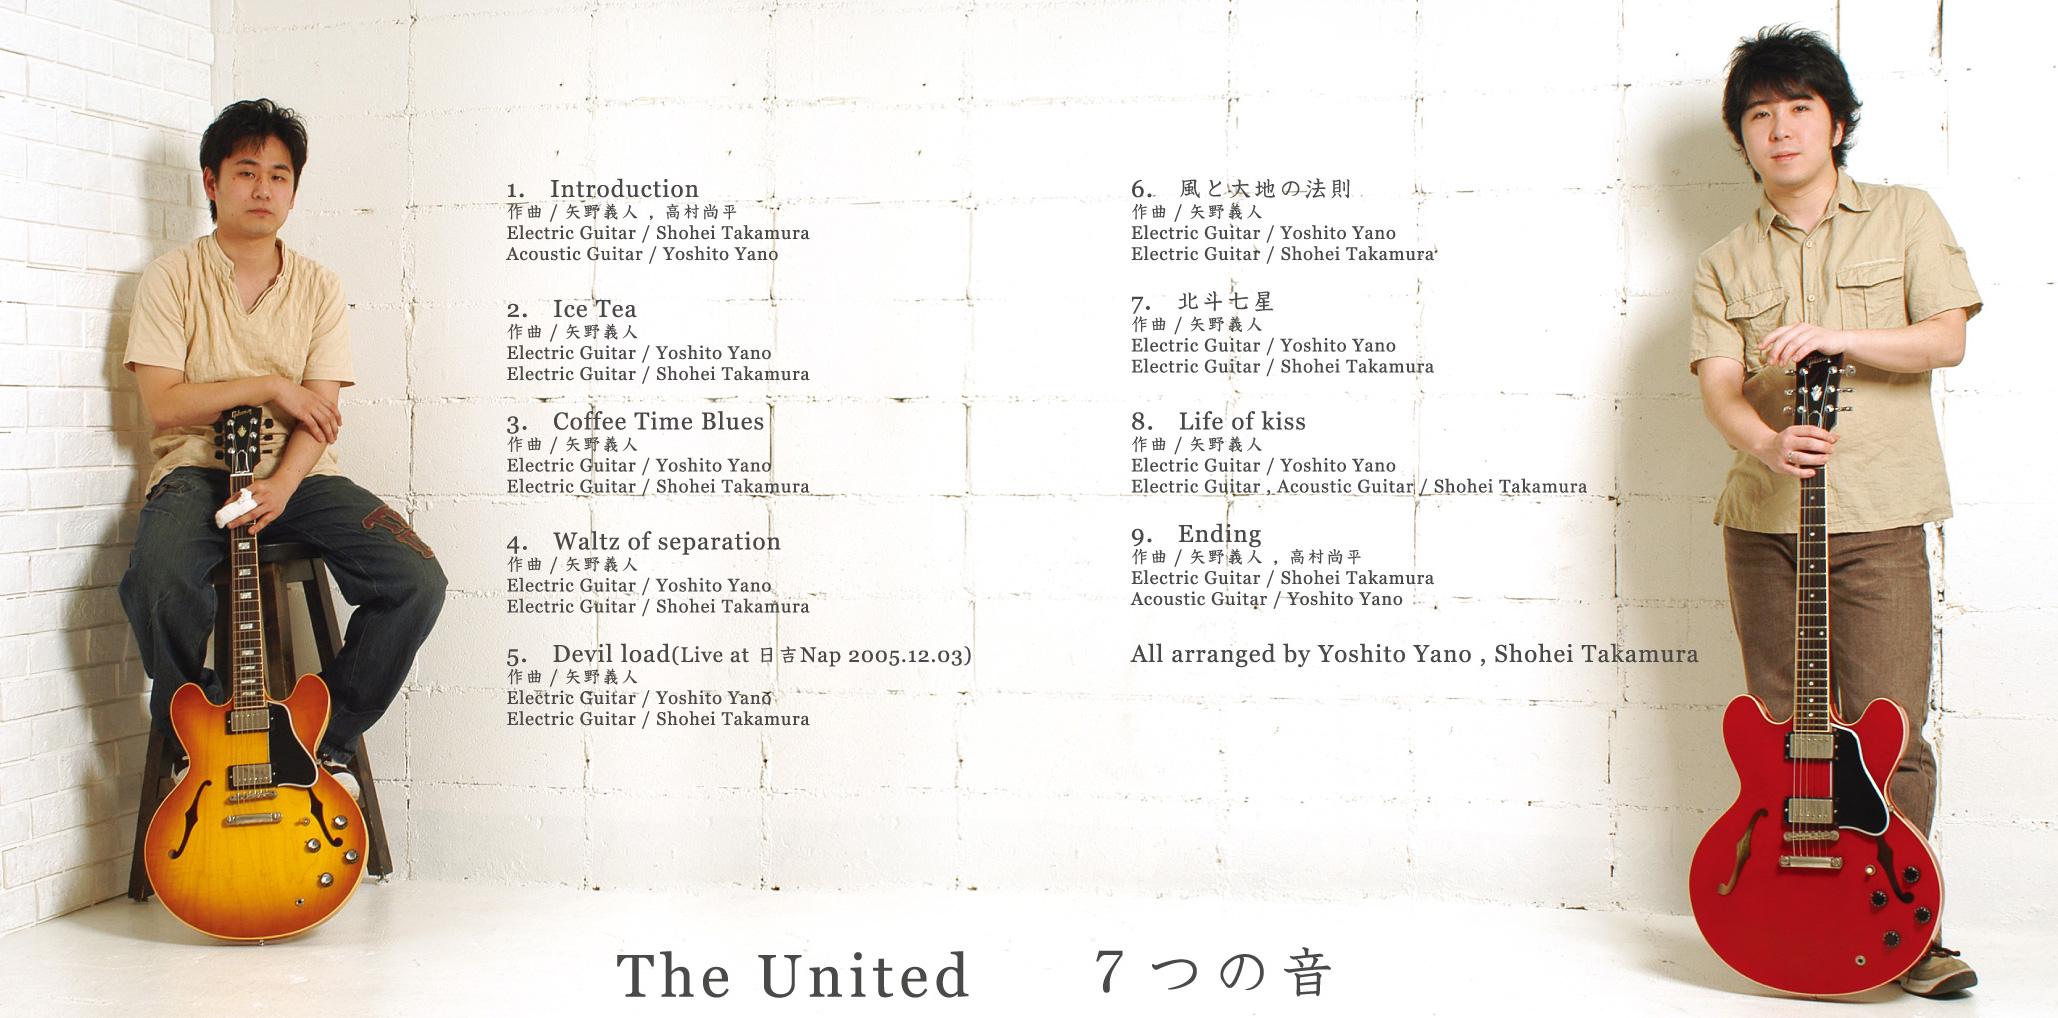 7つの音 - The United